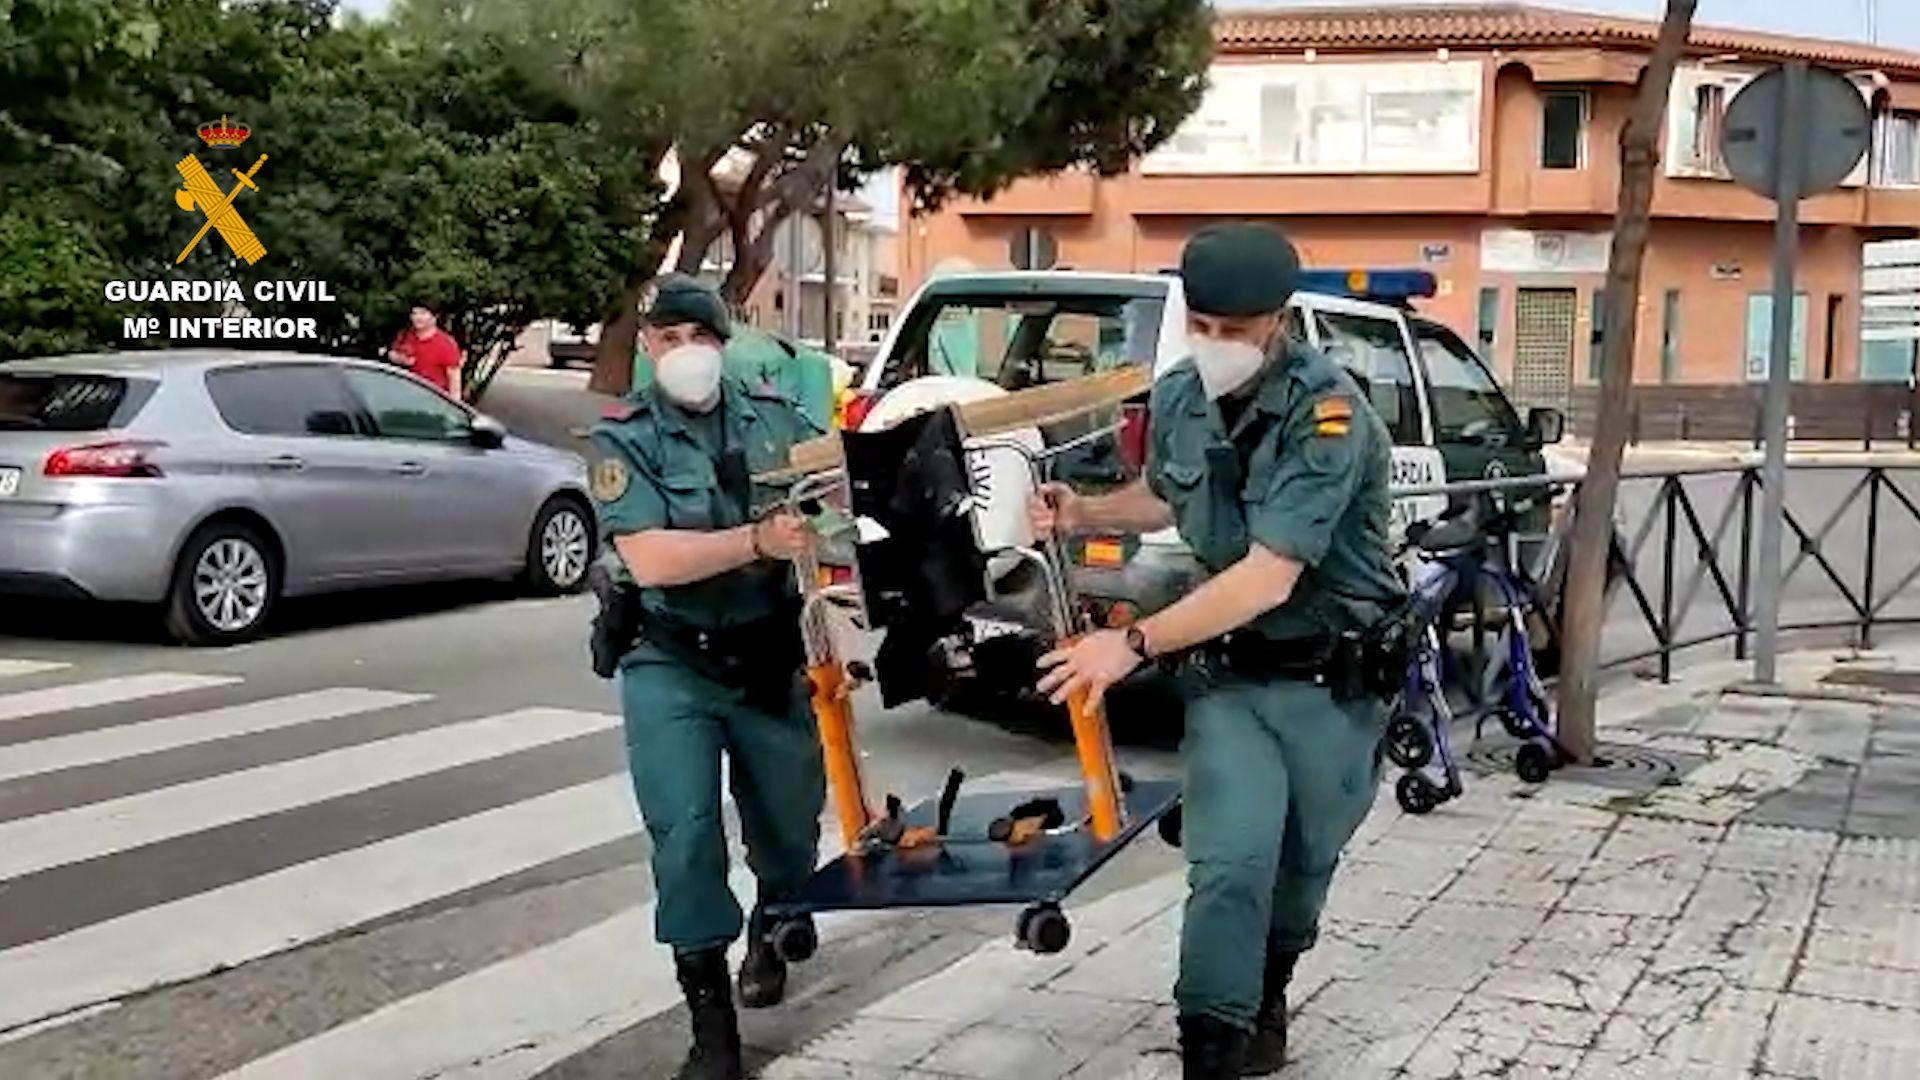 La Guardia Civil entrega material de rehabilitación material escolar en diversos núcleos rurales